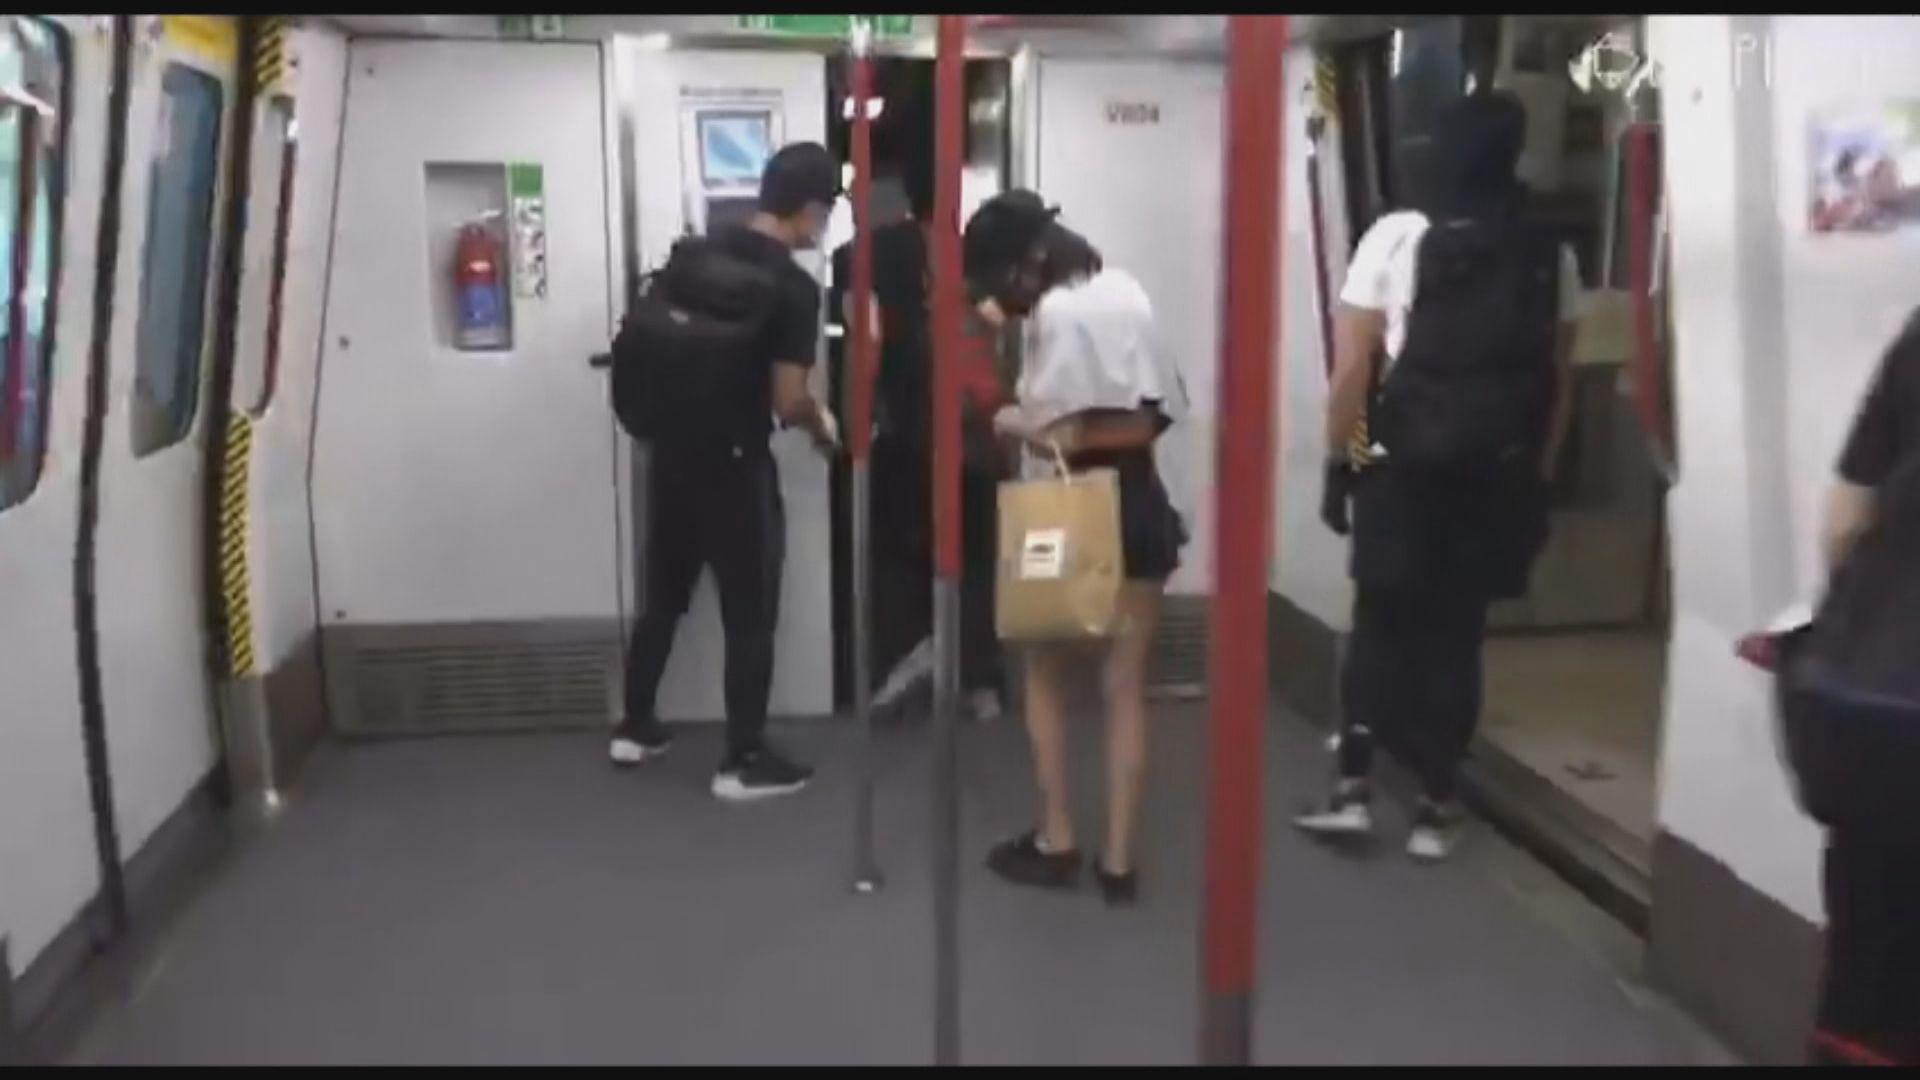 港鐵指南昌站有人闖入列車駕駛室 一度封站